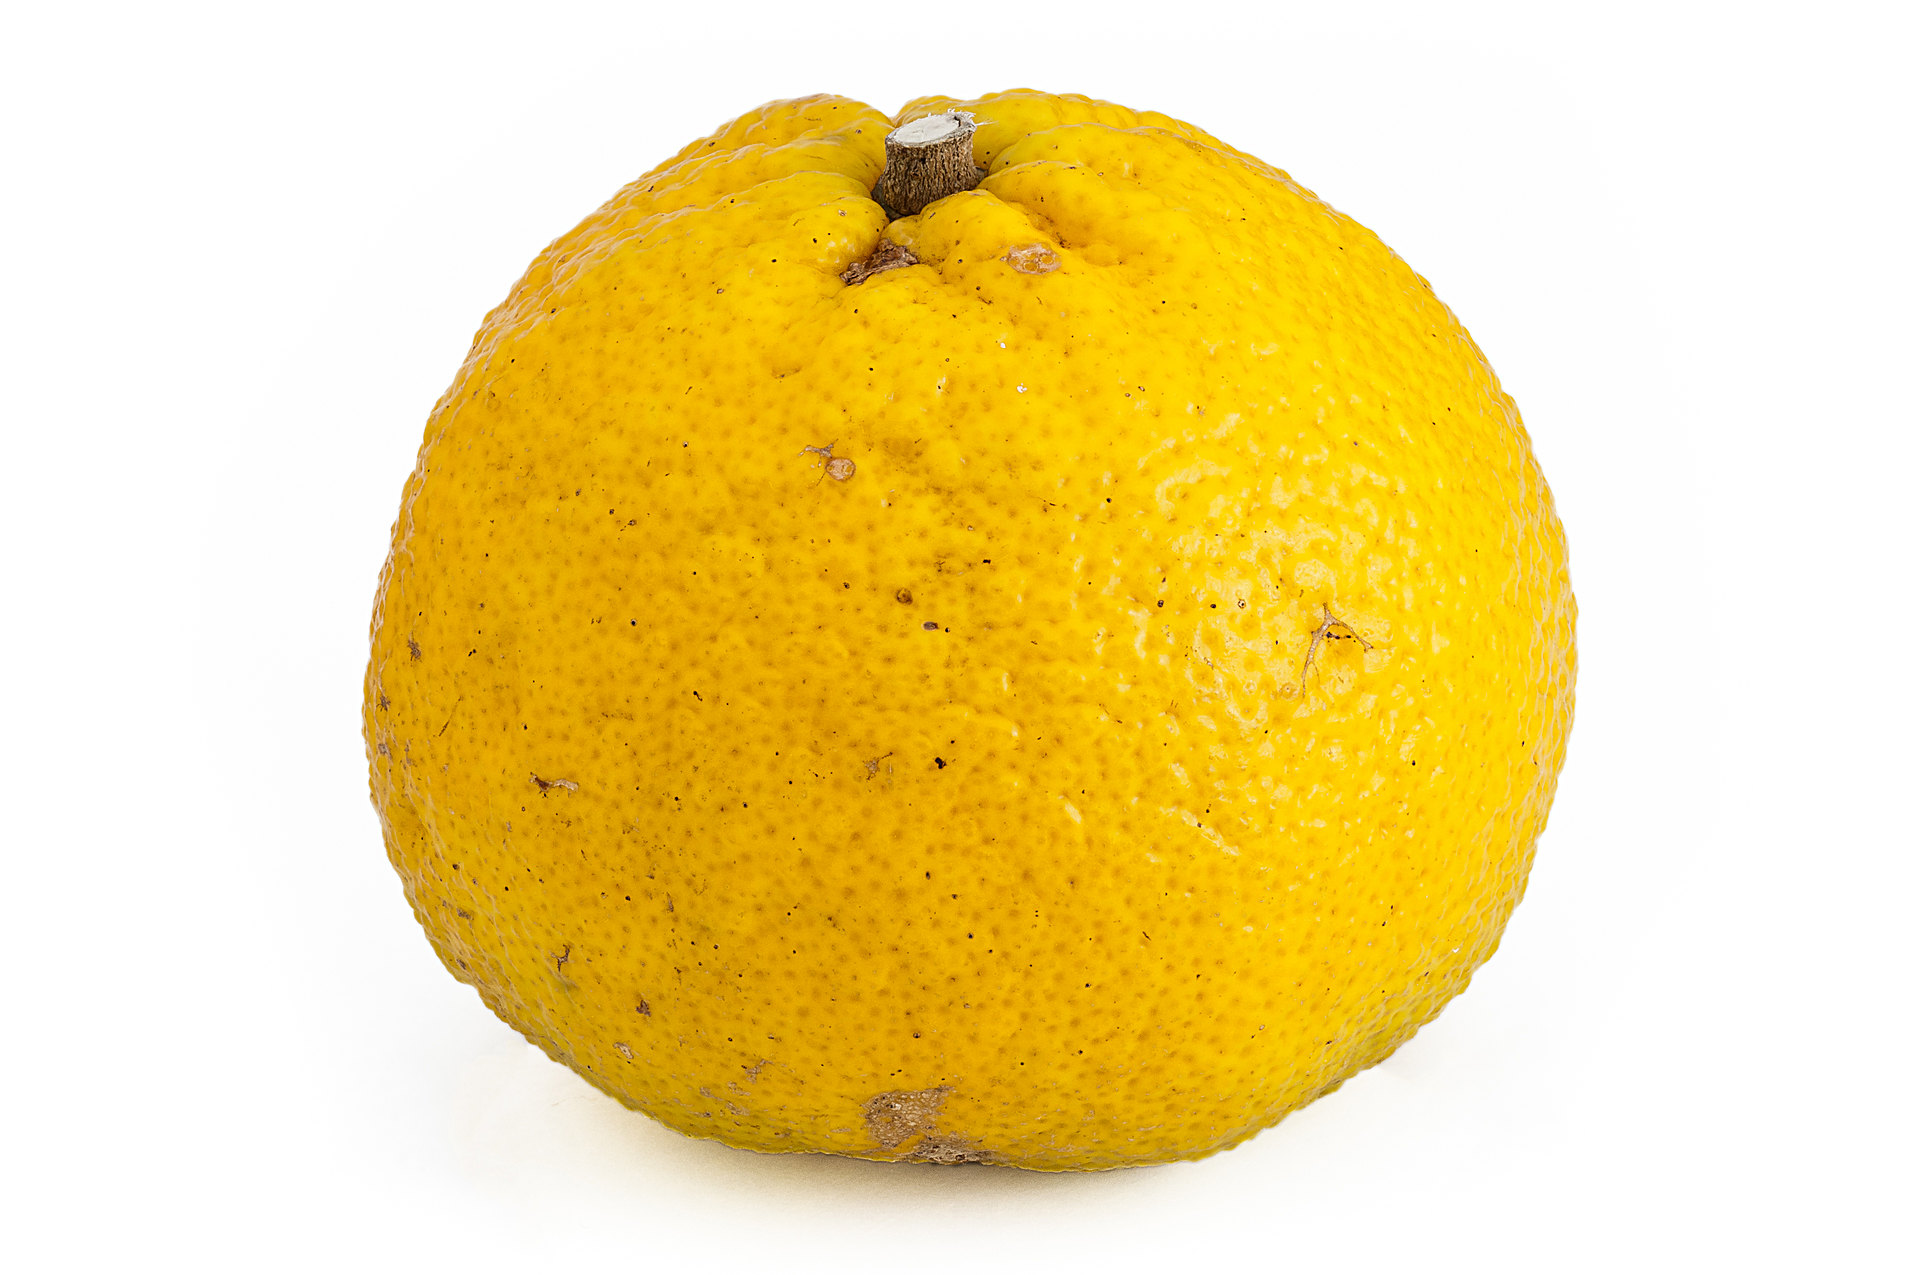 Ugli - Citrus hybrid